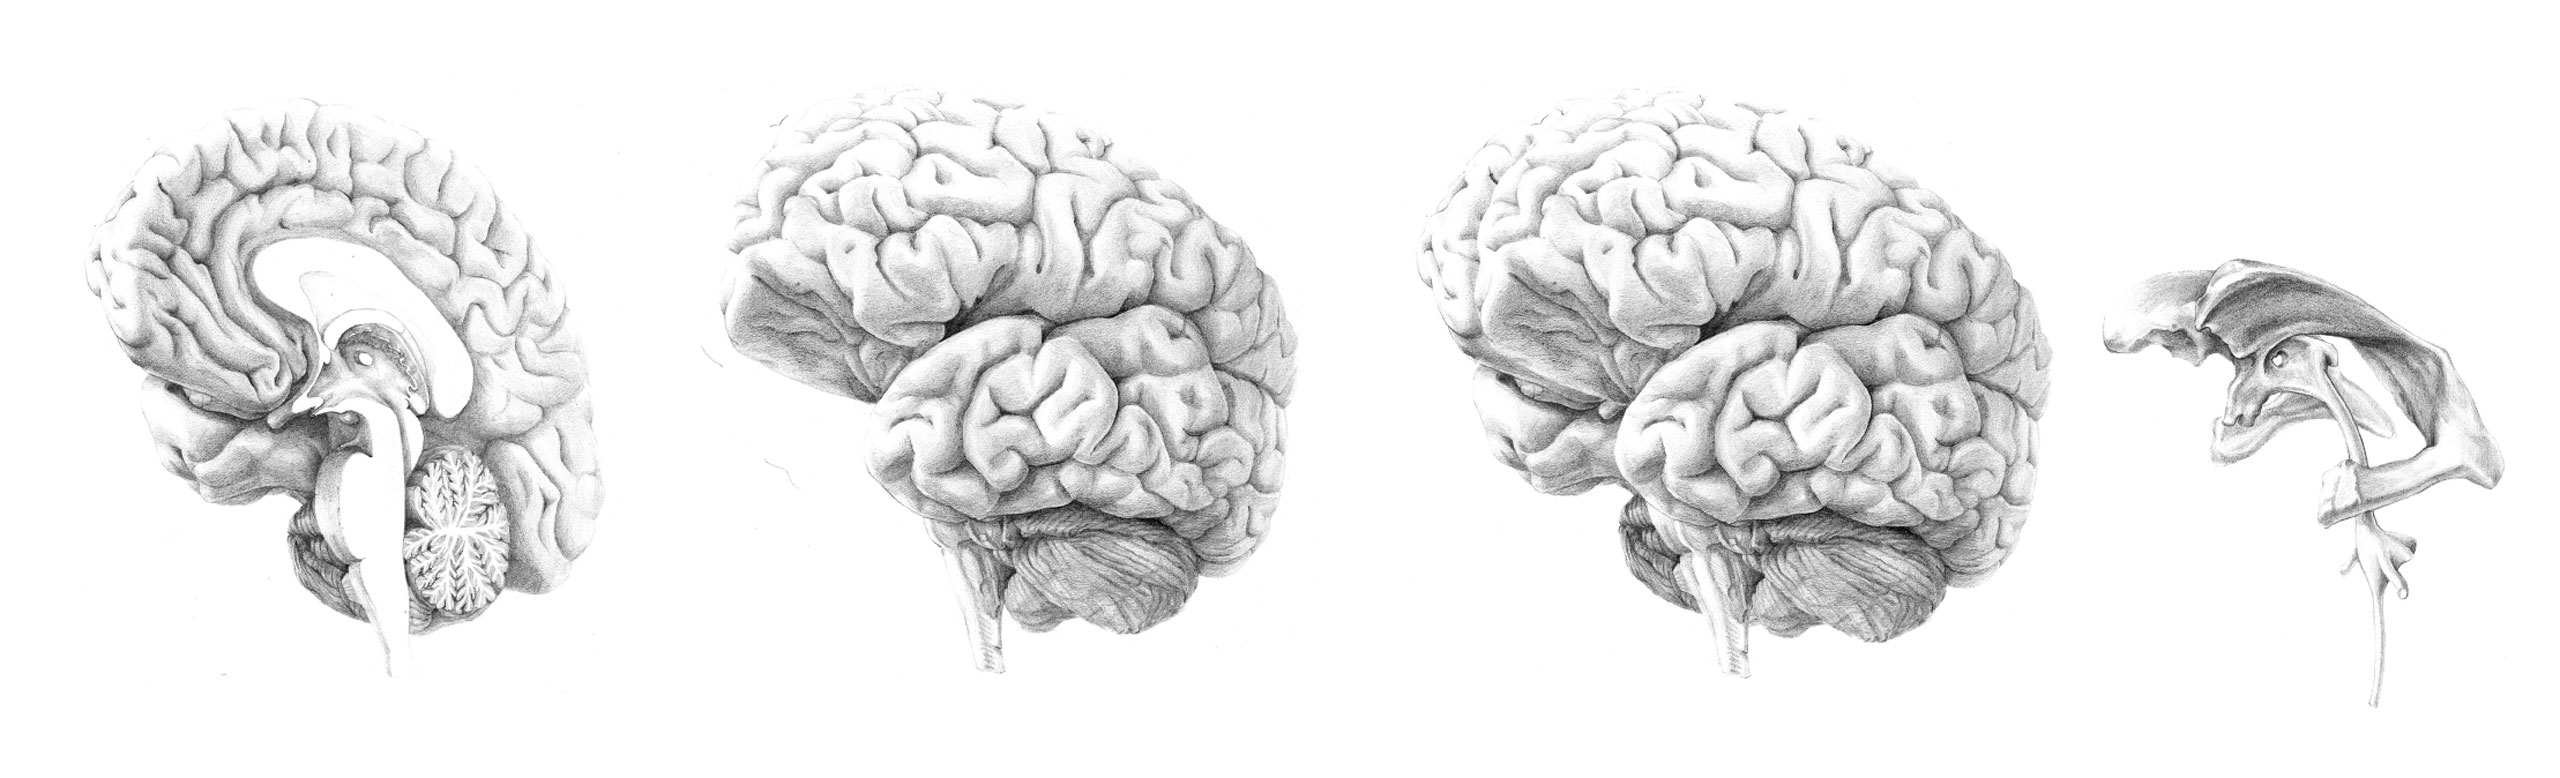 brein-portlood-overzicht